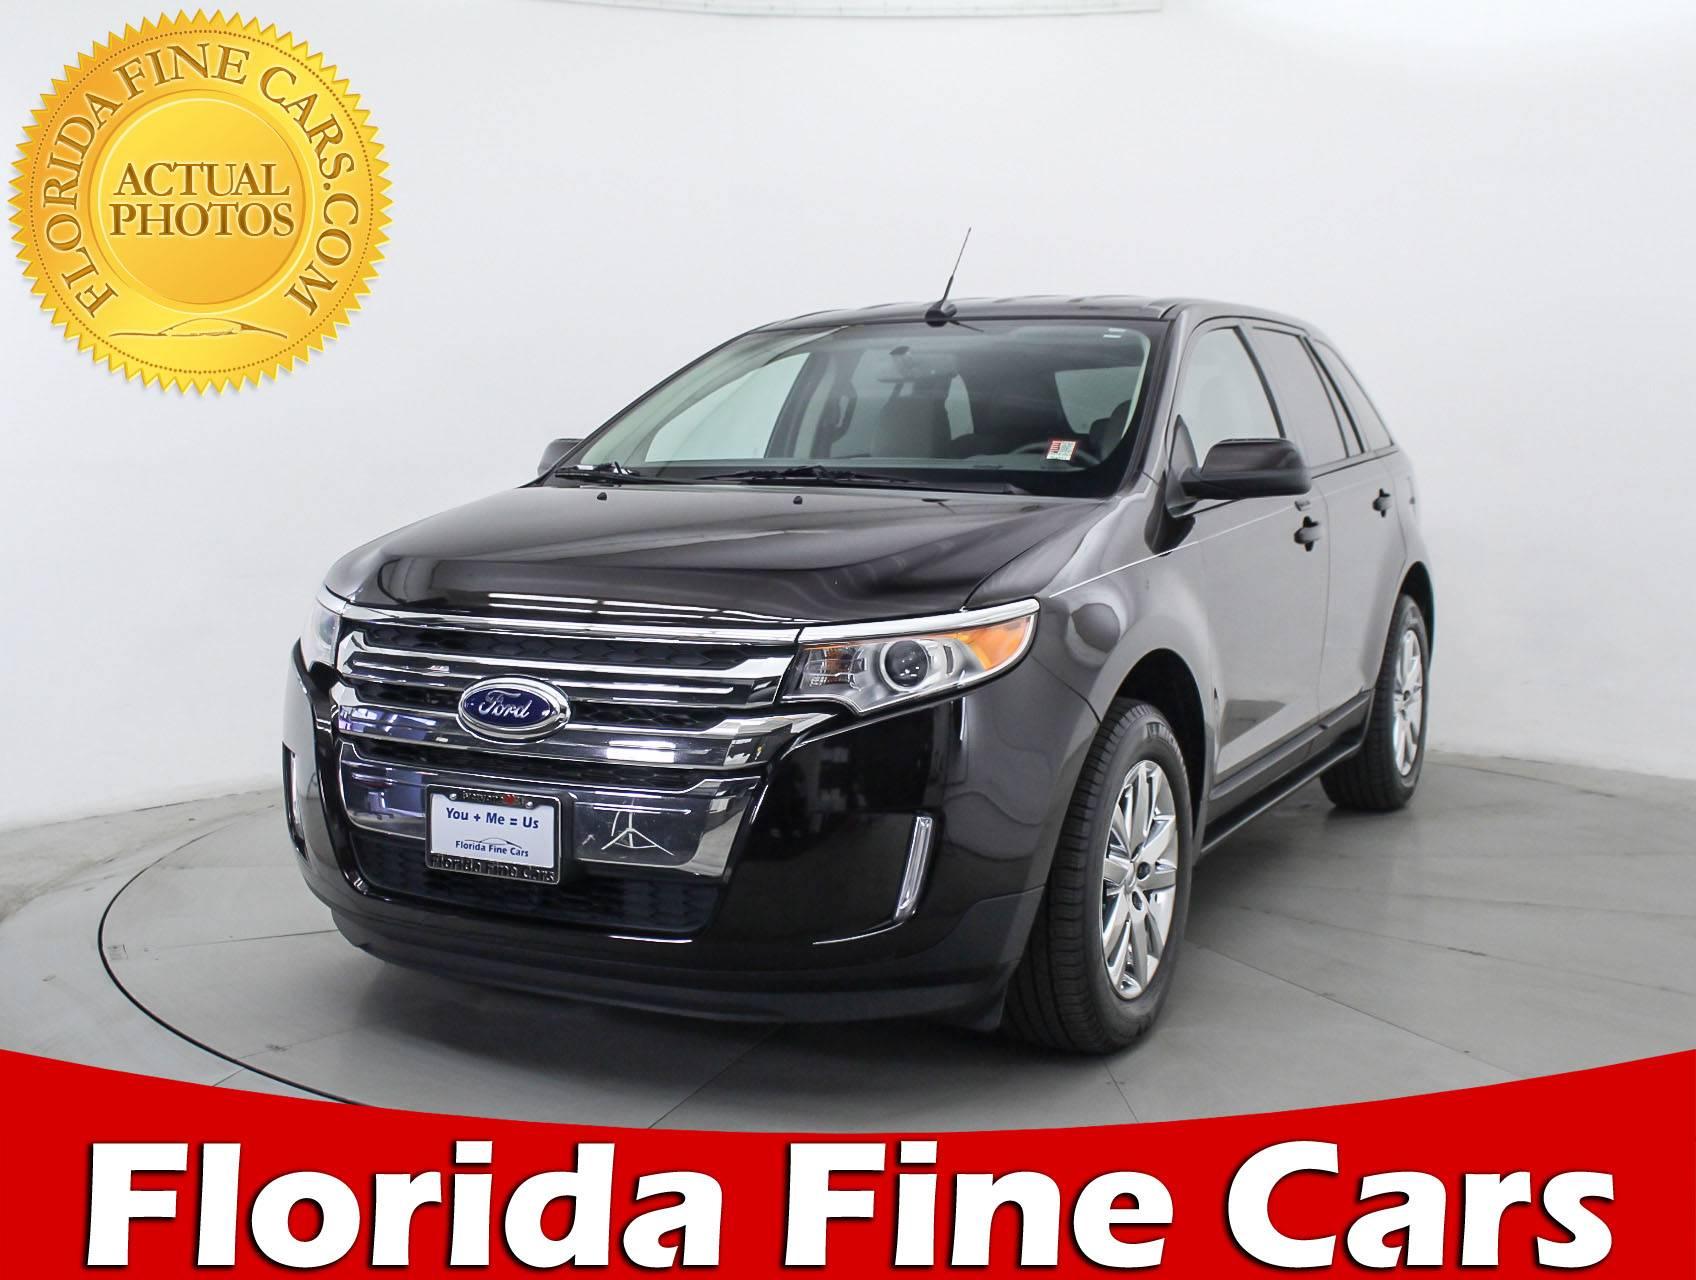 Used  Ford Edge Sel Suv For Sale In Miami Fl  Florida Fine Cars